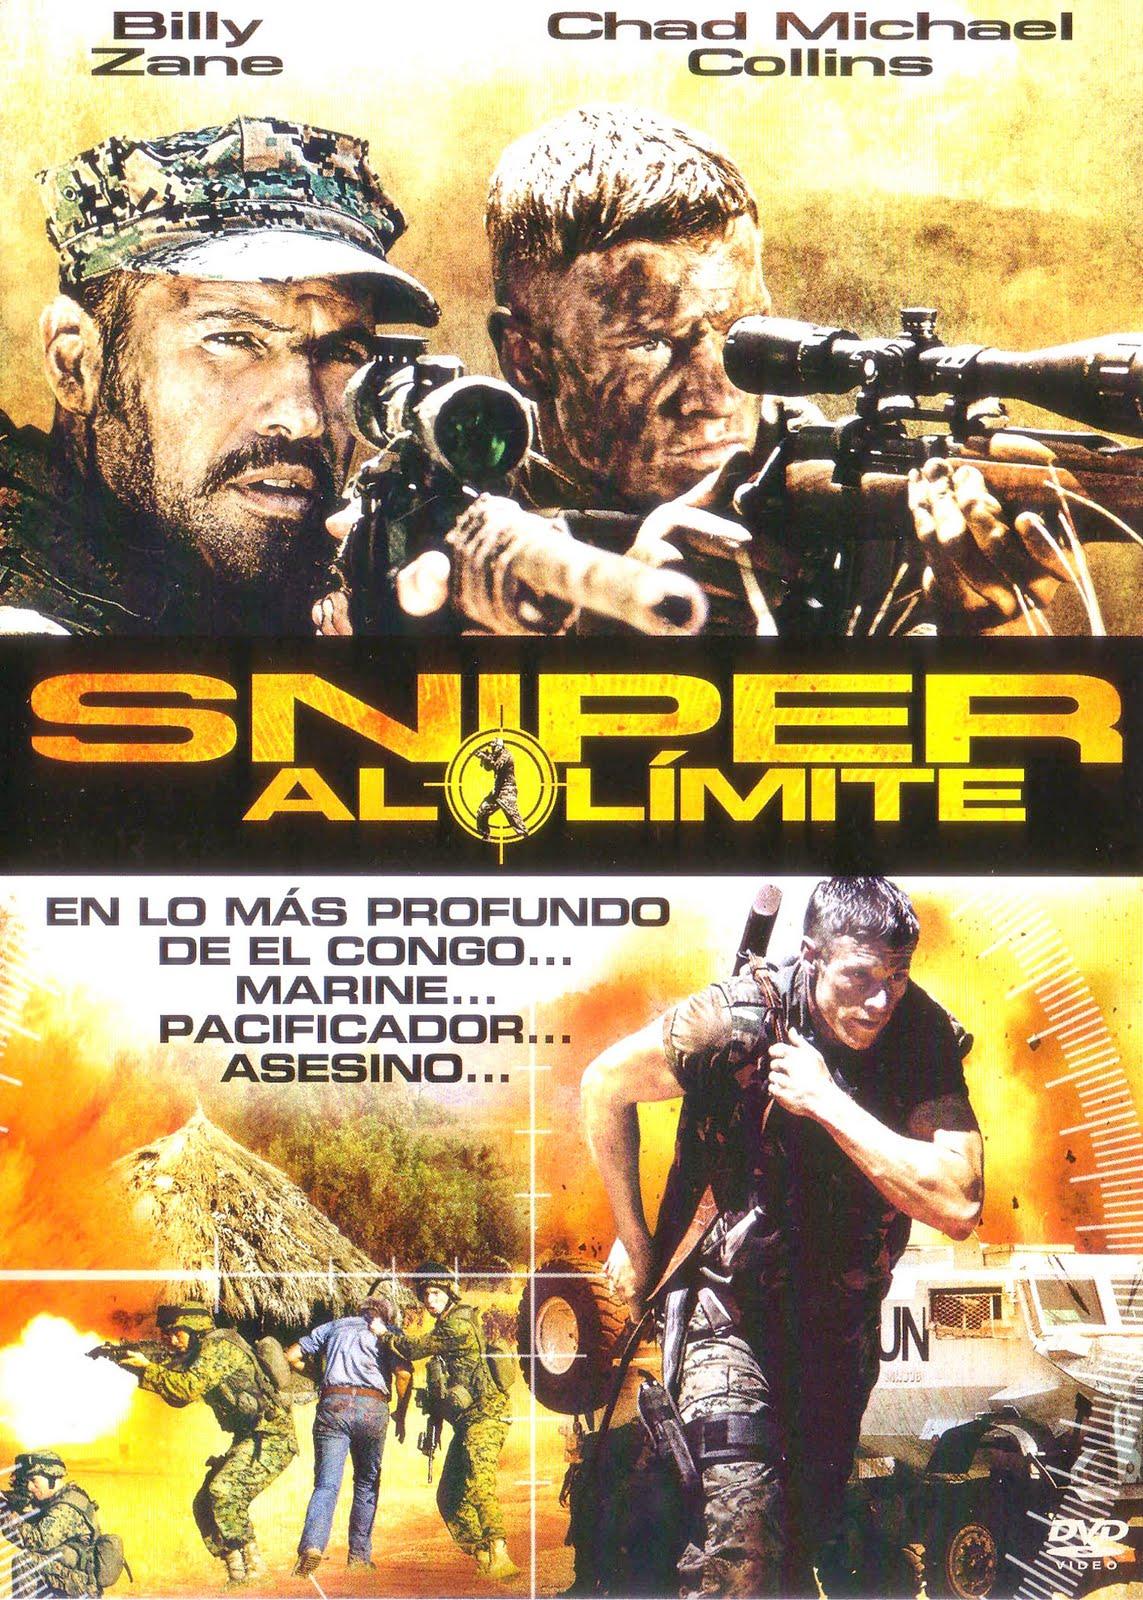 http://3.bp.blogspot.com/-efaPb5U65ps/Tg3AAONuSLI/AAAAAAAAFGk/36RzLDkixks/s1600/Sniper+Al+Limite.jpg